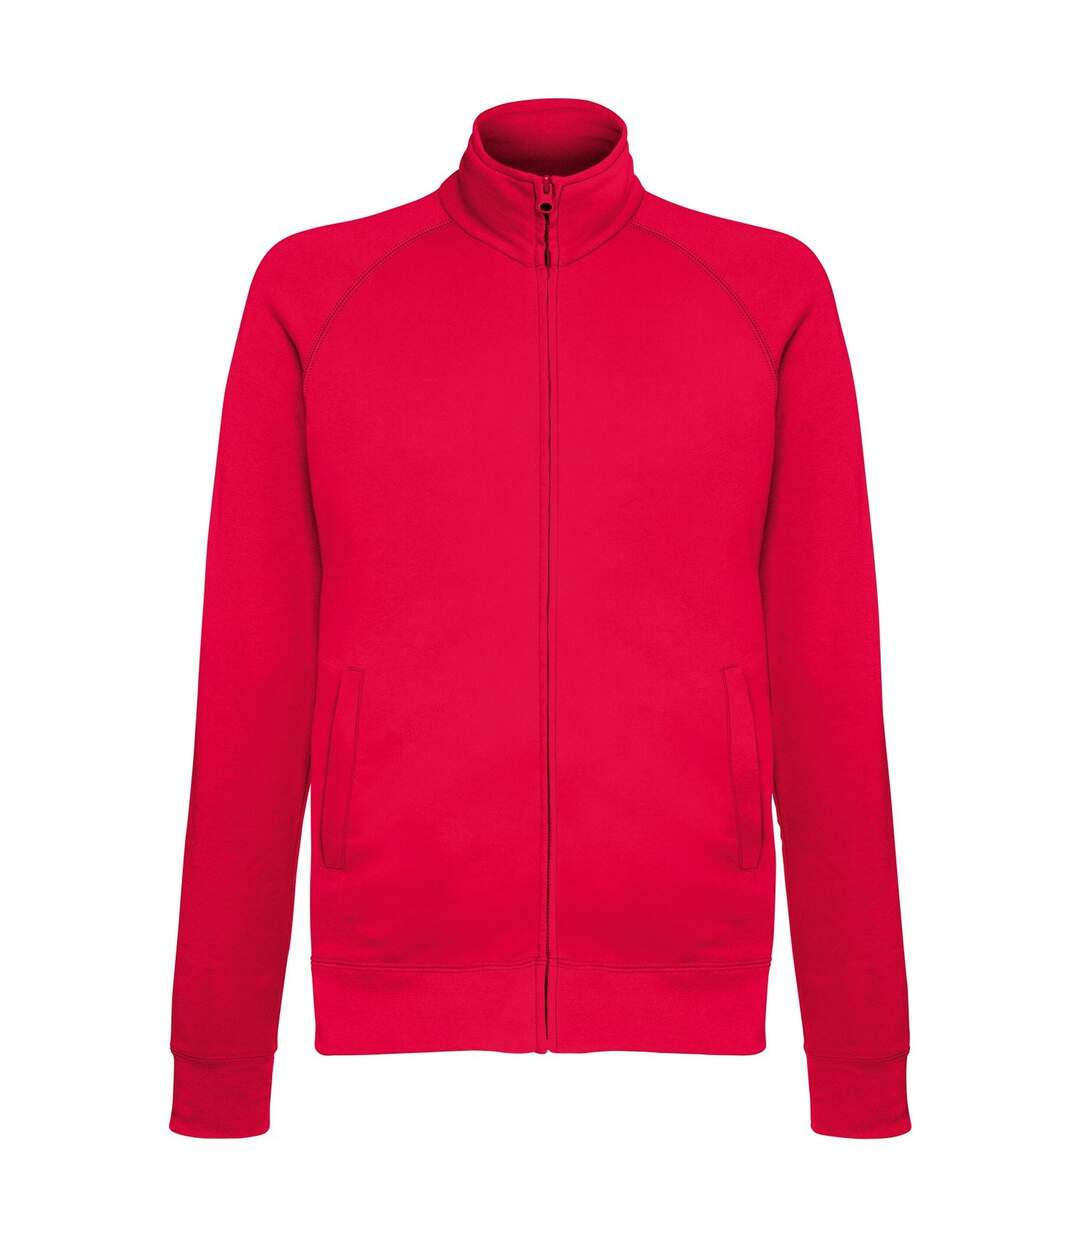 Fruit Of The Loom Mens Lightweight Full Zip Sweatshirt Jacket (Red) - UTRW4500